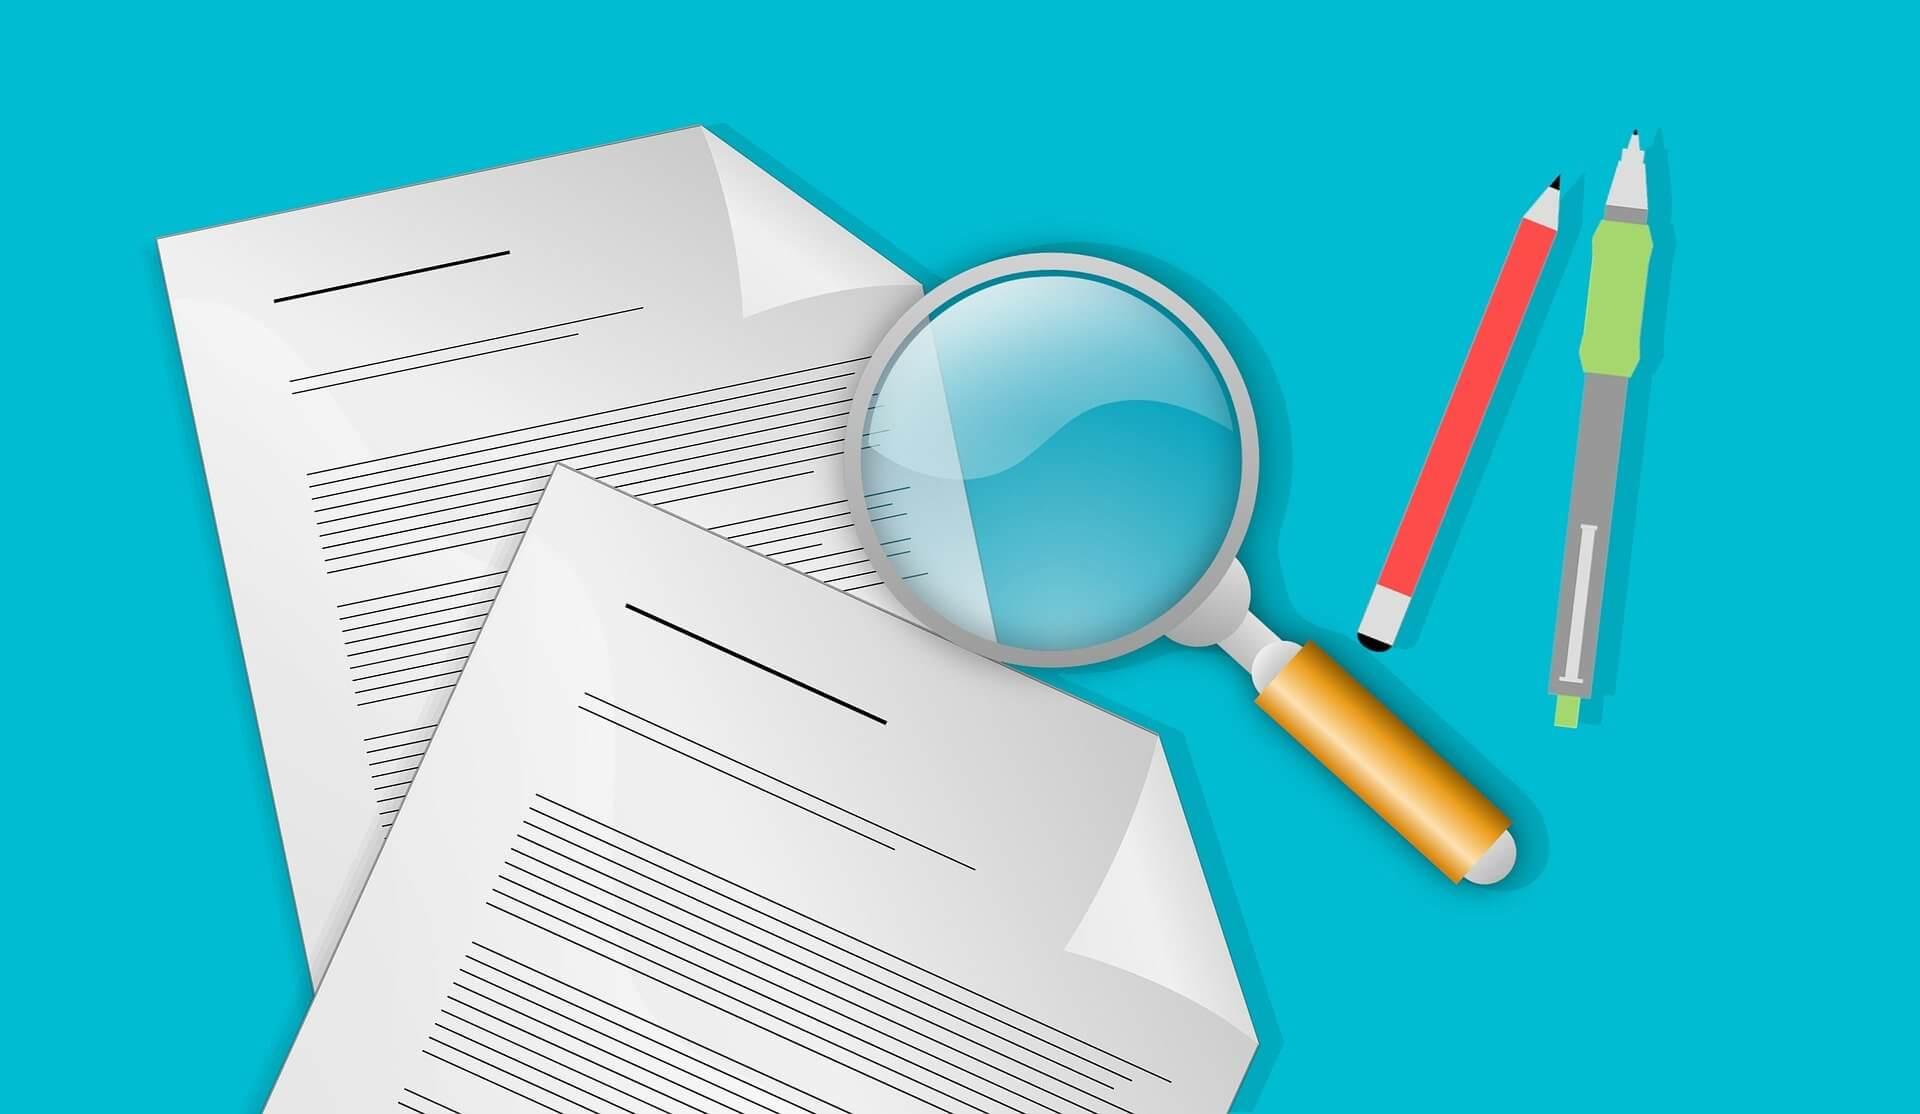 Nota fiscal de produto e serviço: é possível emitir em um único documento? Como fazer?